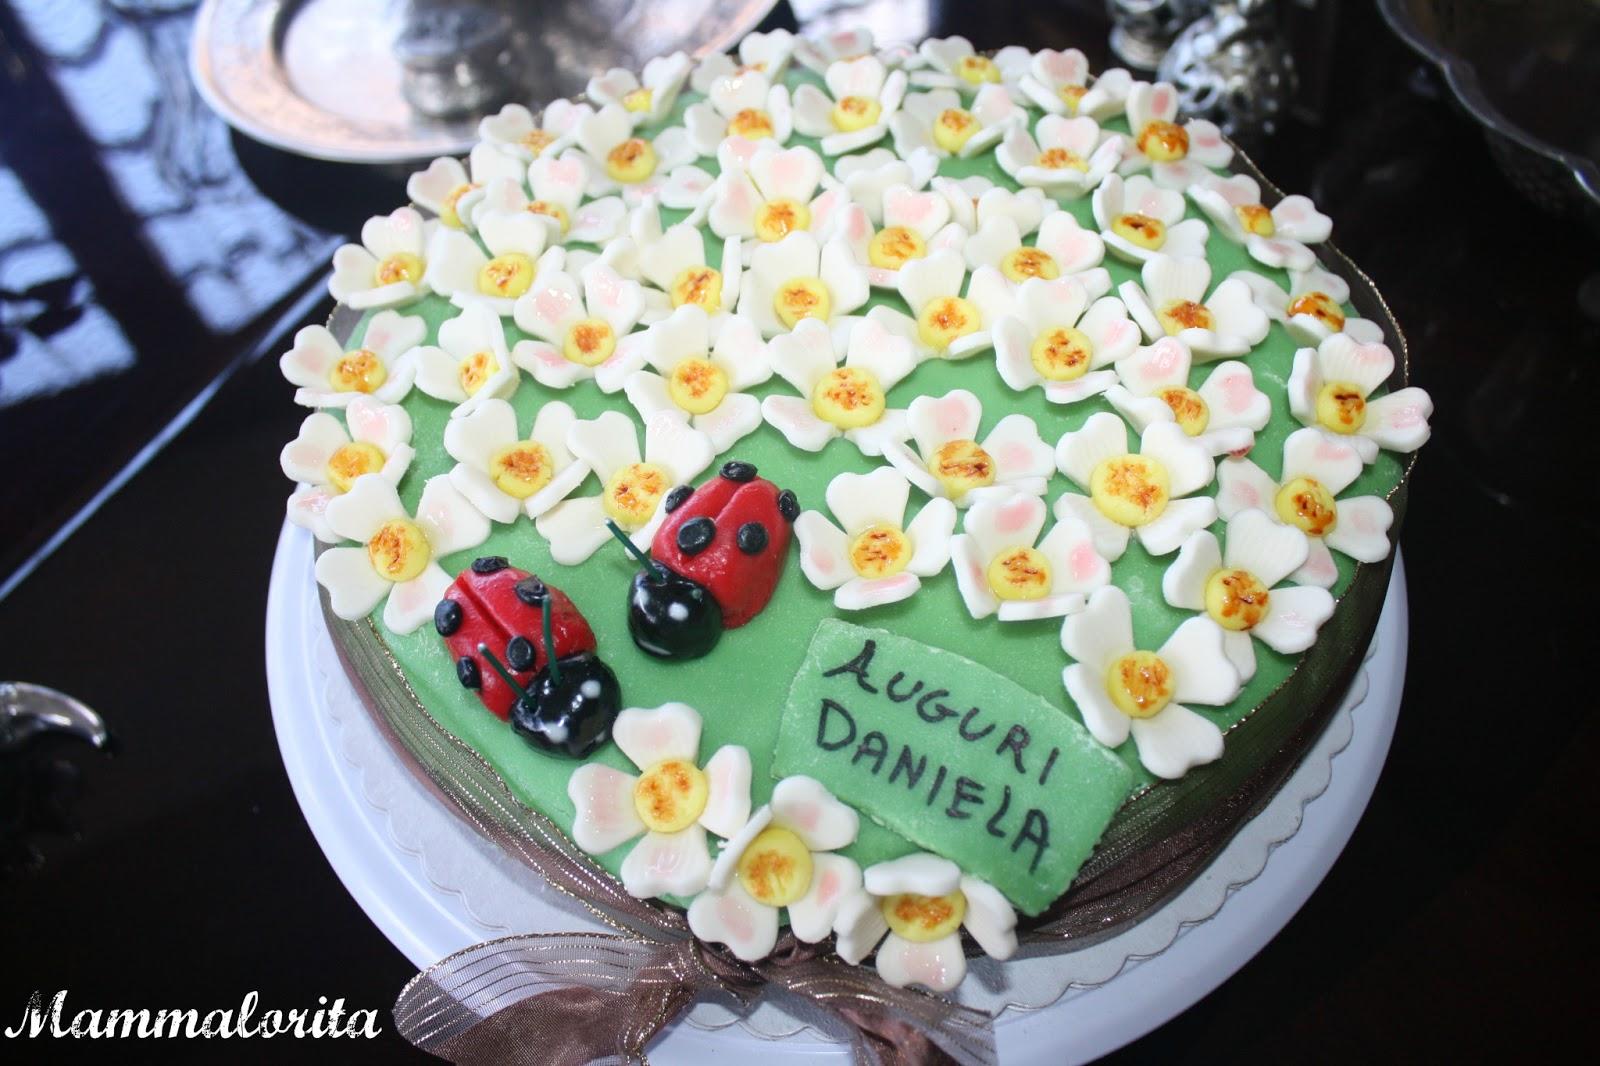 Famoso Buon Compleanno Daniela - FountainPen.it Forum PF33